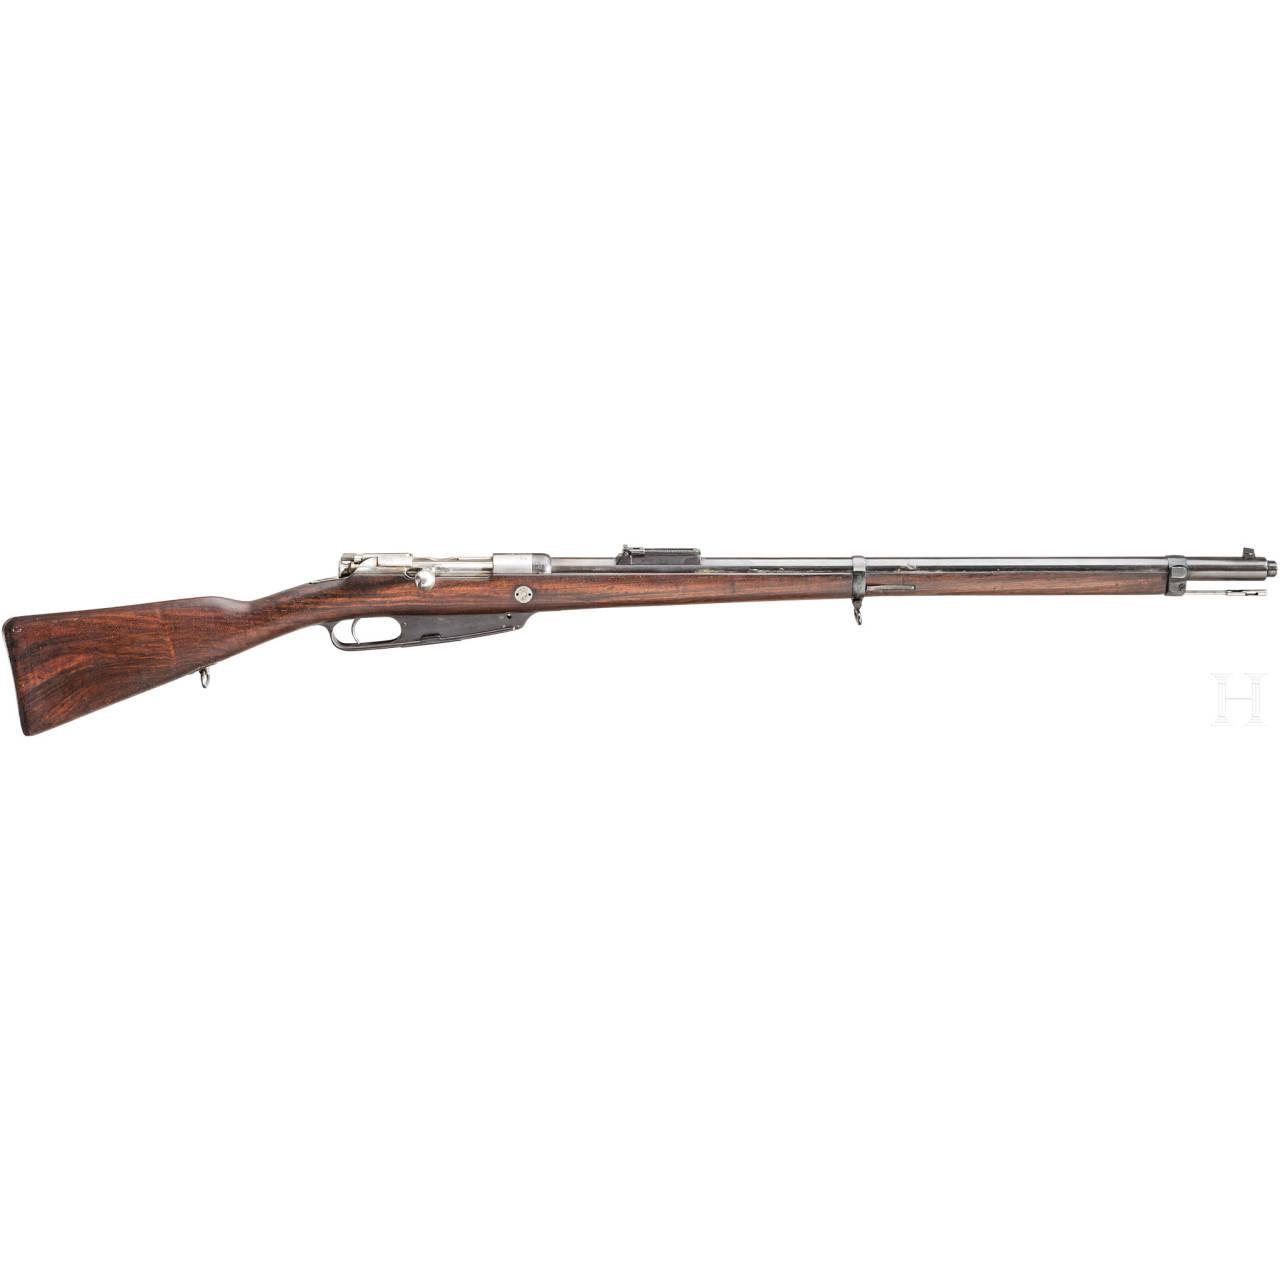 Gewehr 88/05, Spandau 1890